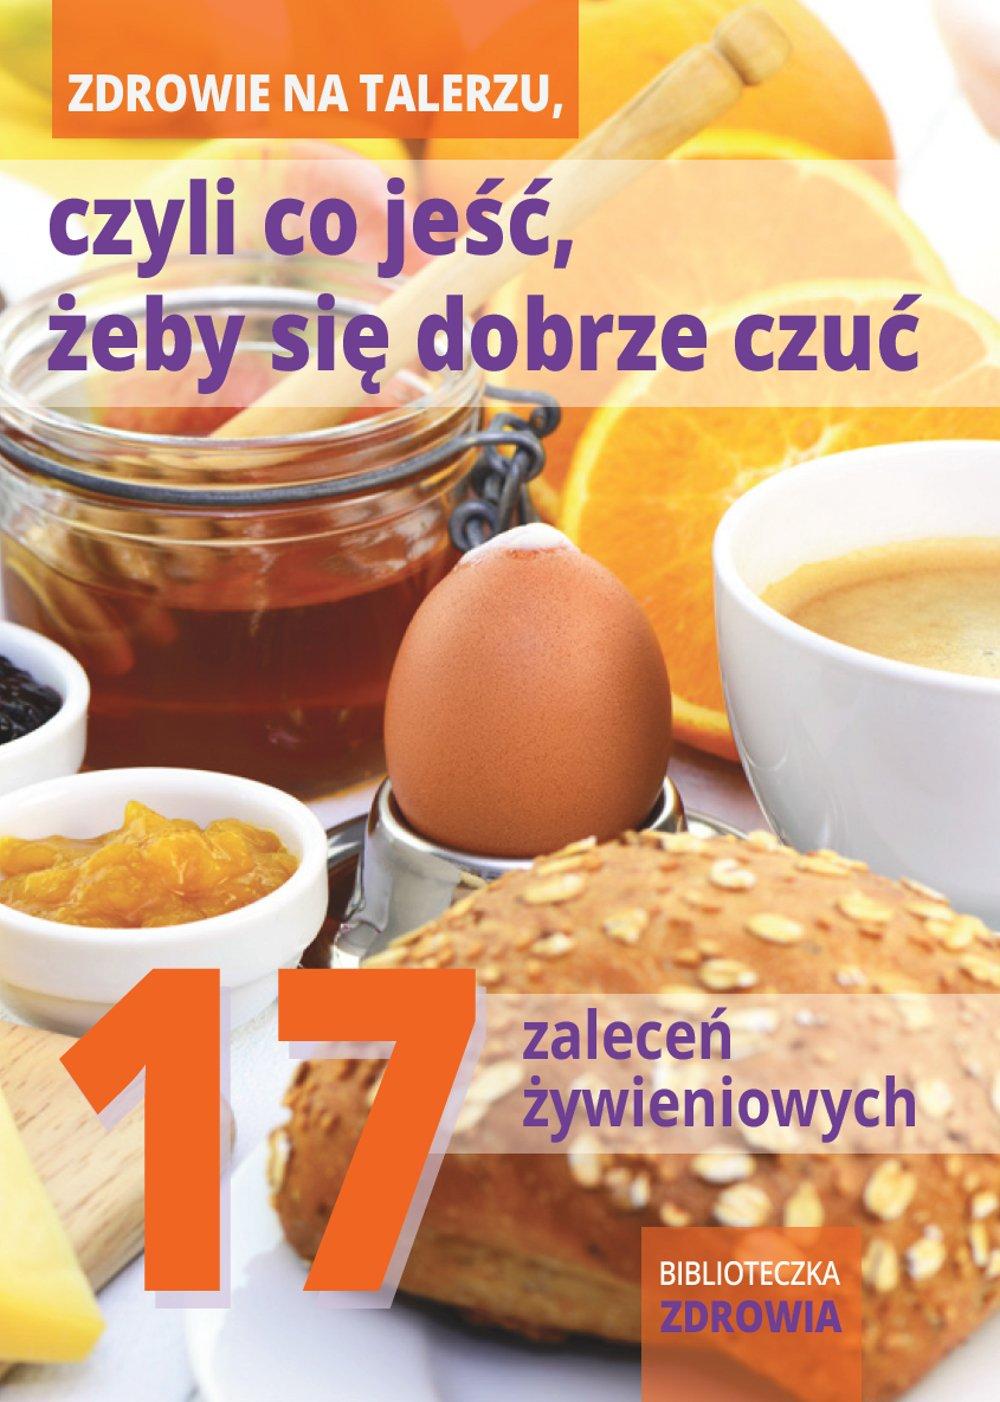 Zdrowie na talerzu, czyli co jeść, żeby się dobrze czuć. 17 zaleceń żywieniowych - Ebook (Książka PDF) do pobrania w formacie PDF